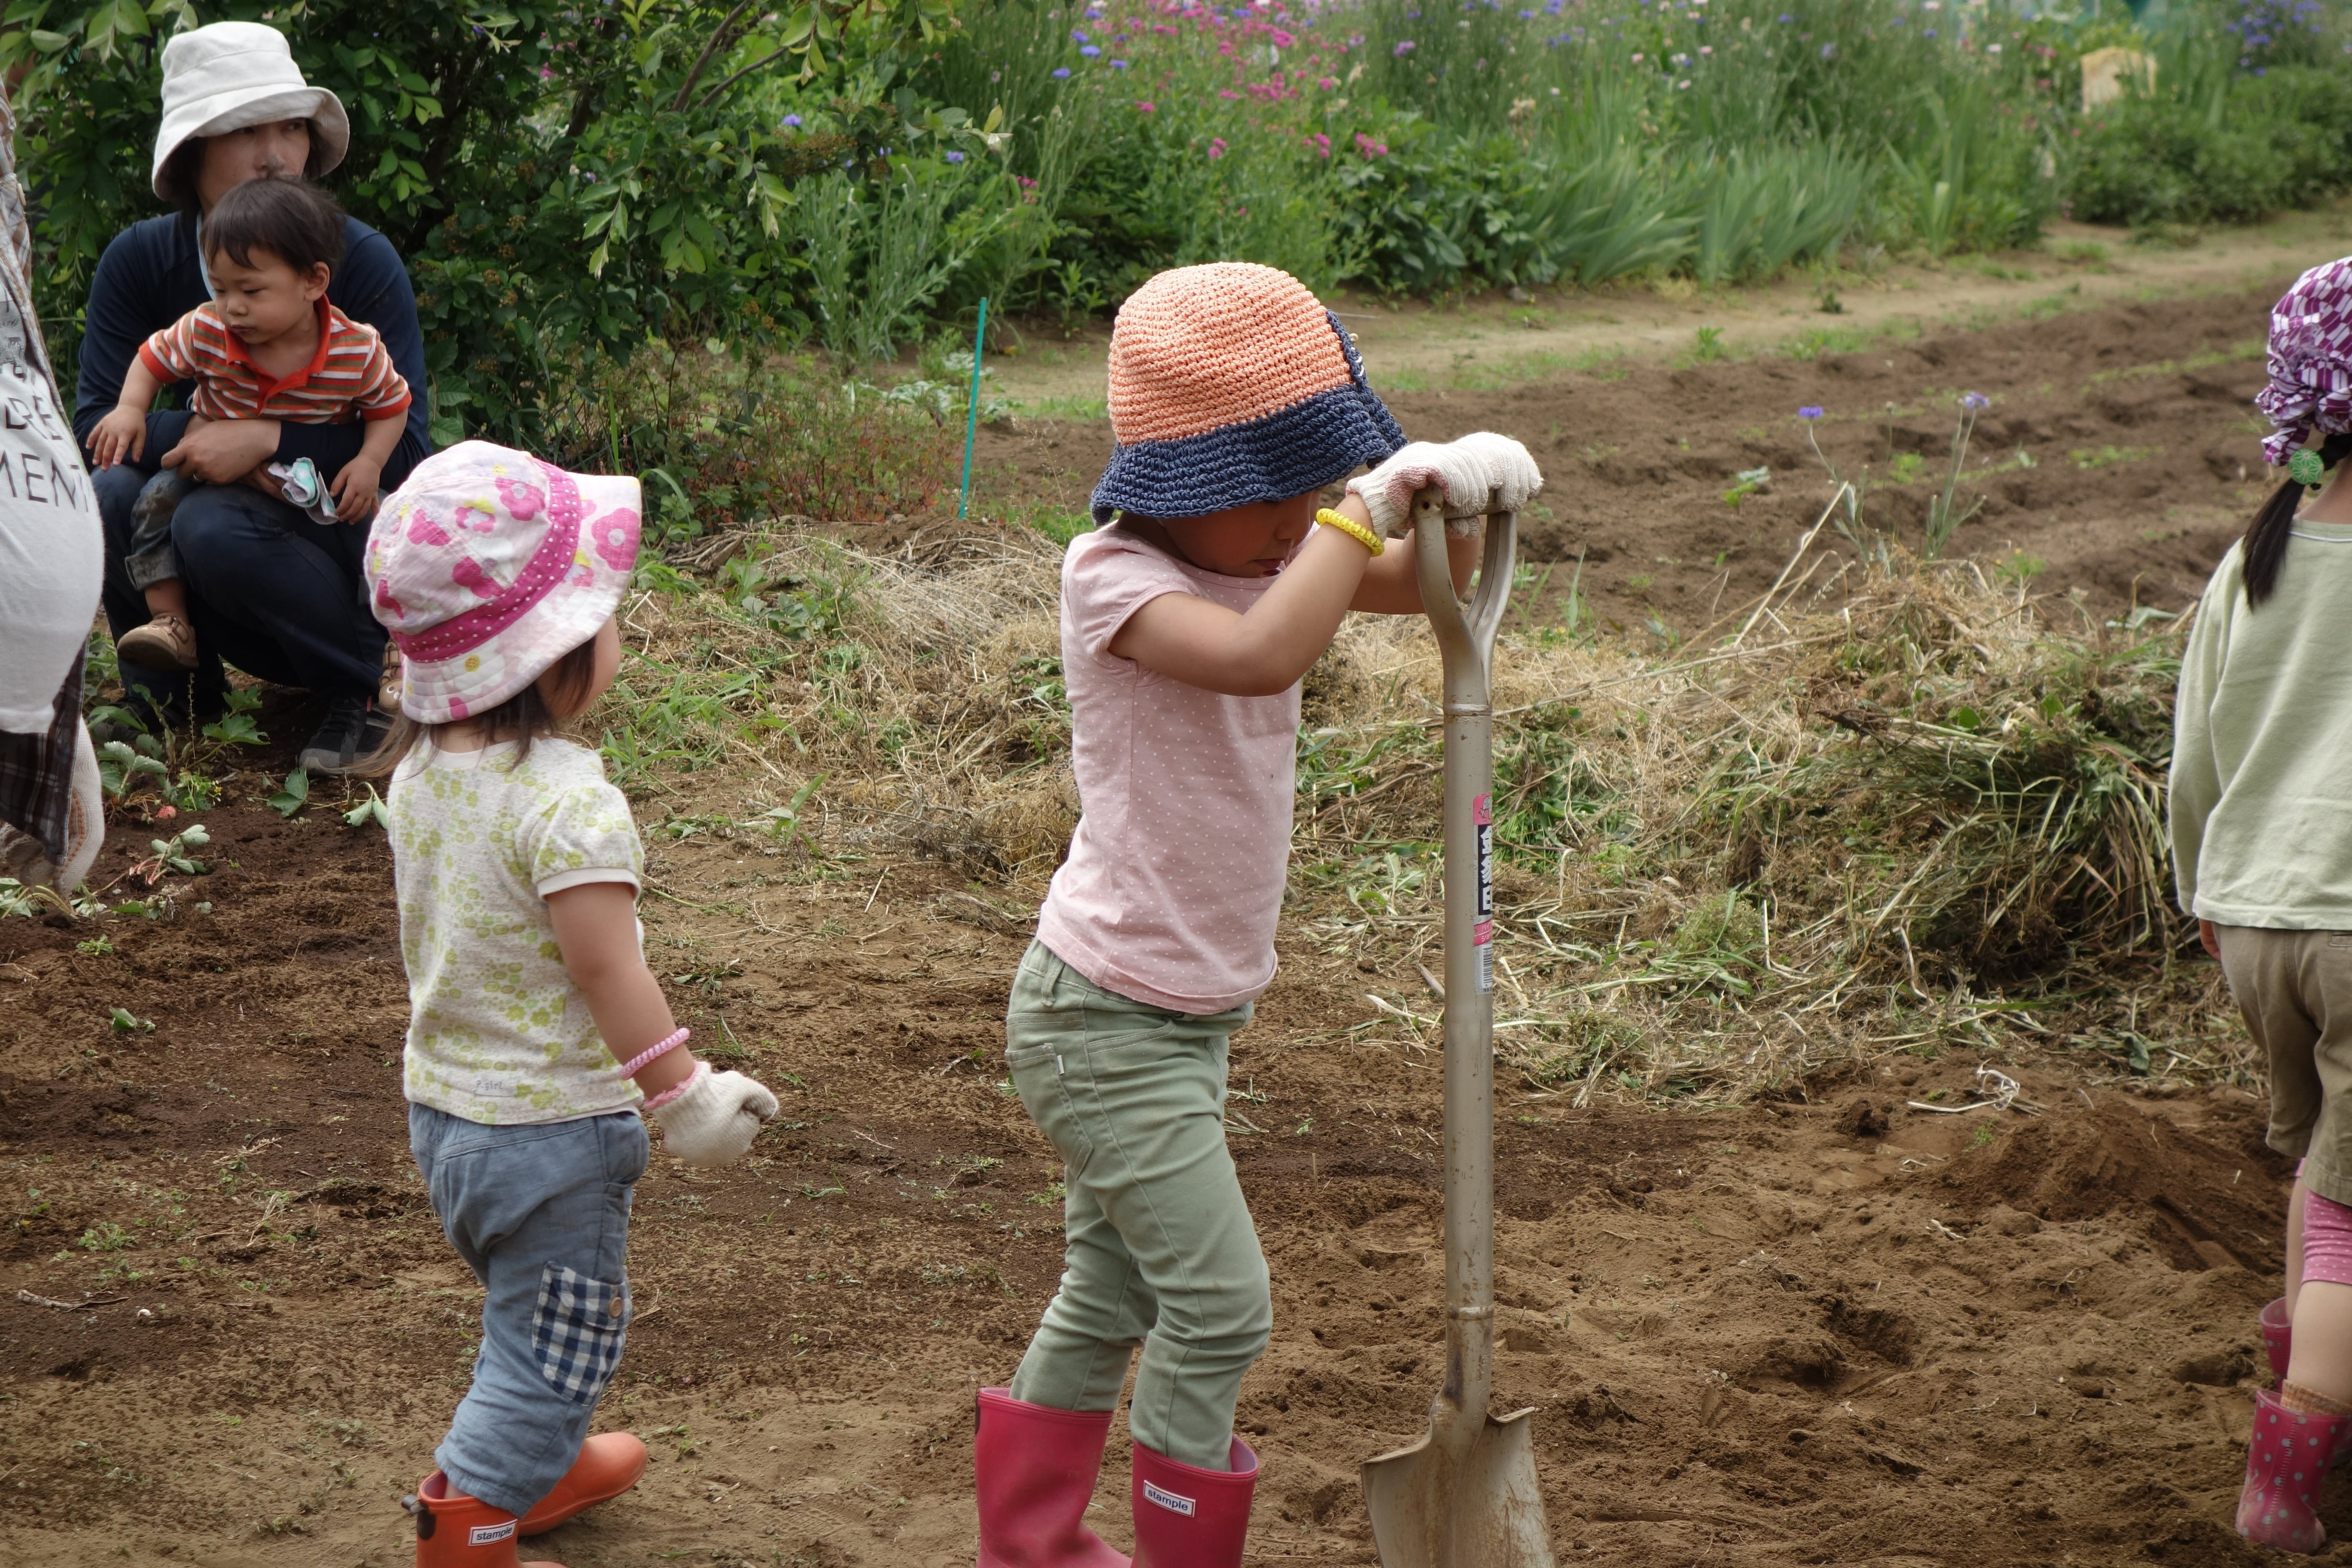 【単発】6/14(日)じゃがいもの収穫祭とさつまいもの植付[さいたま市・農業体験]のイメージその3